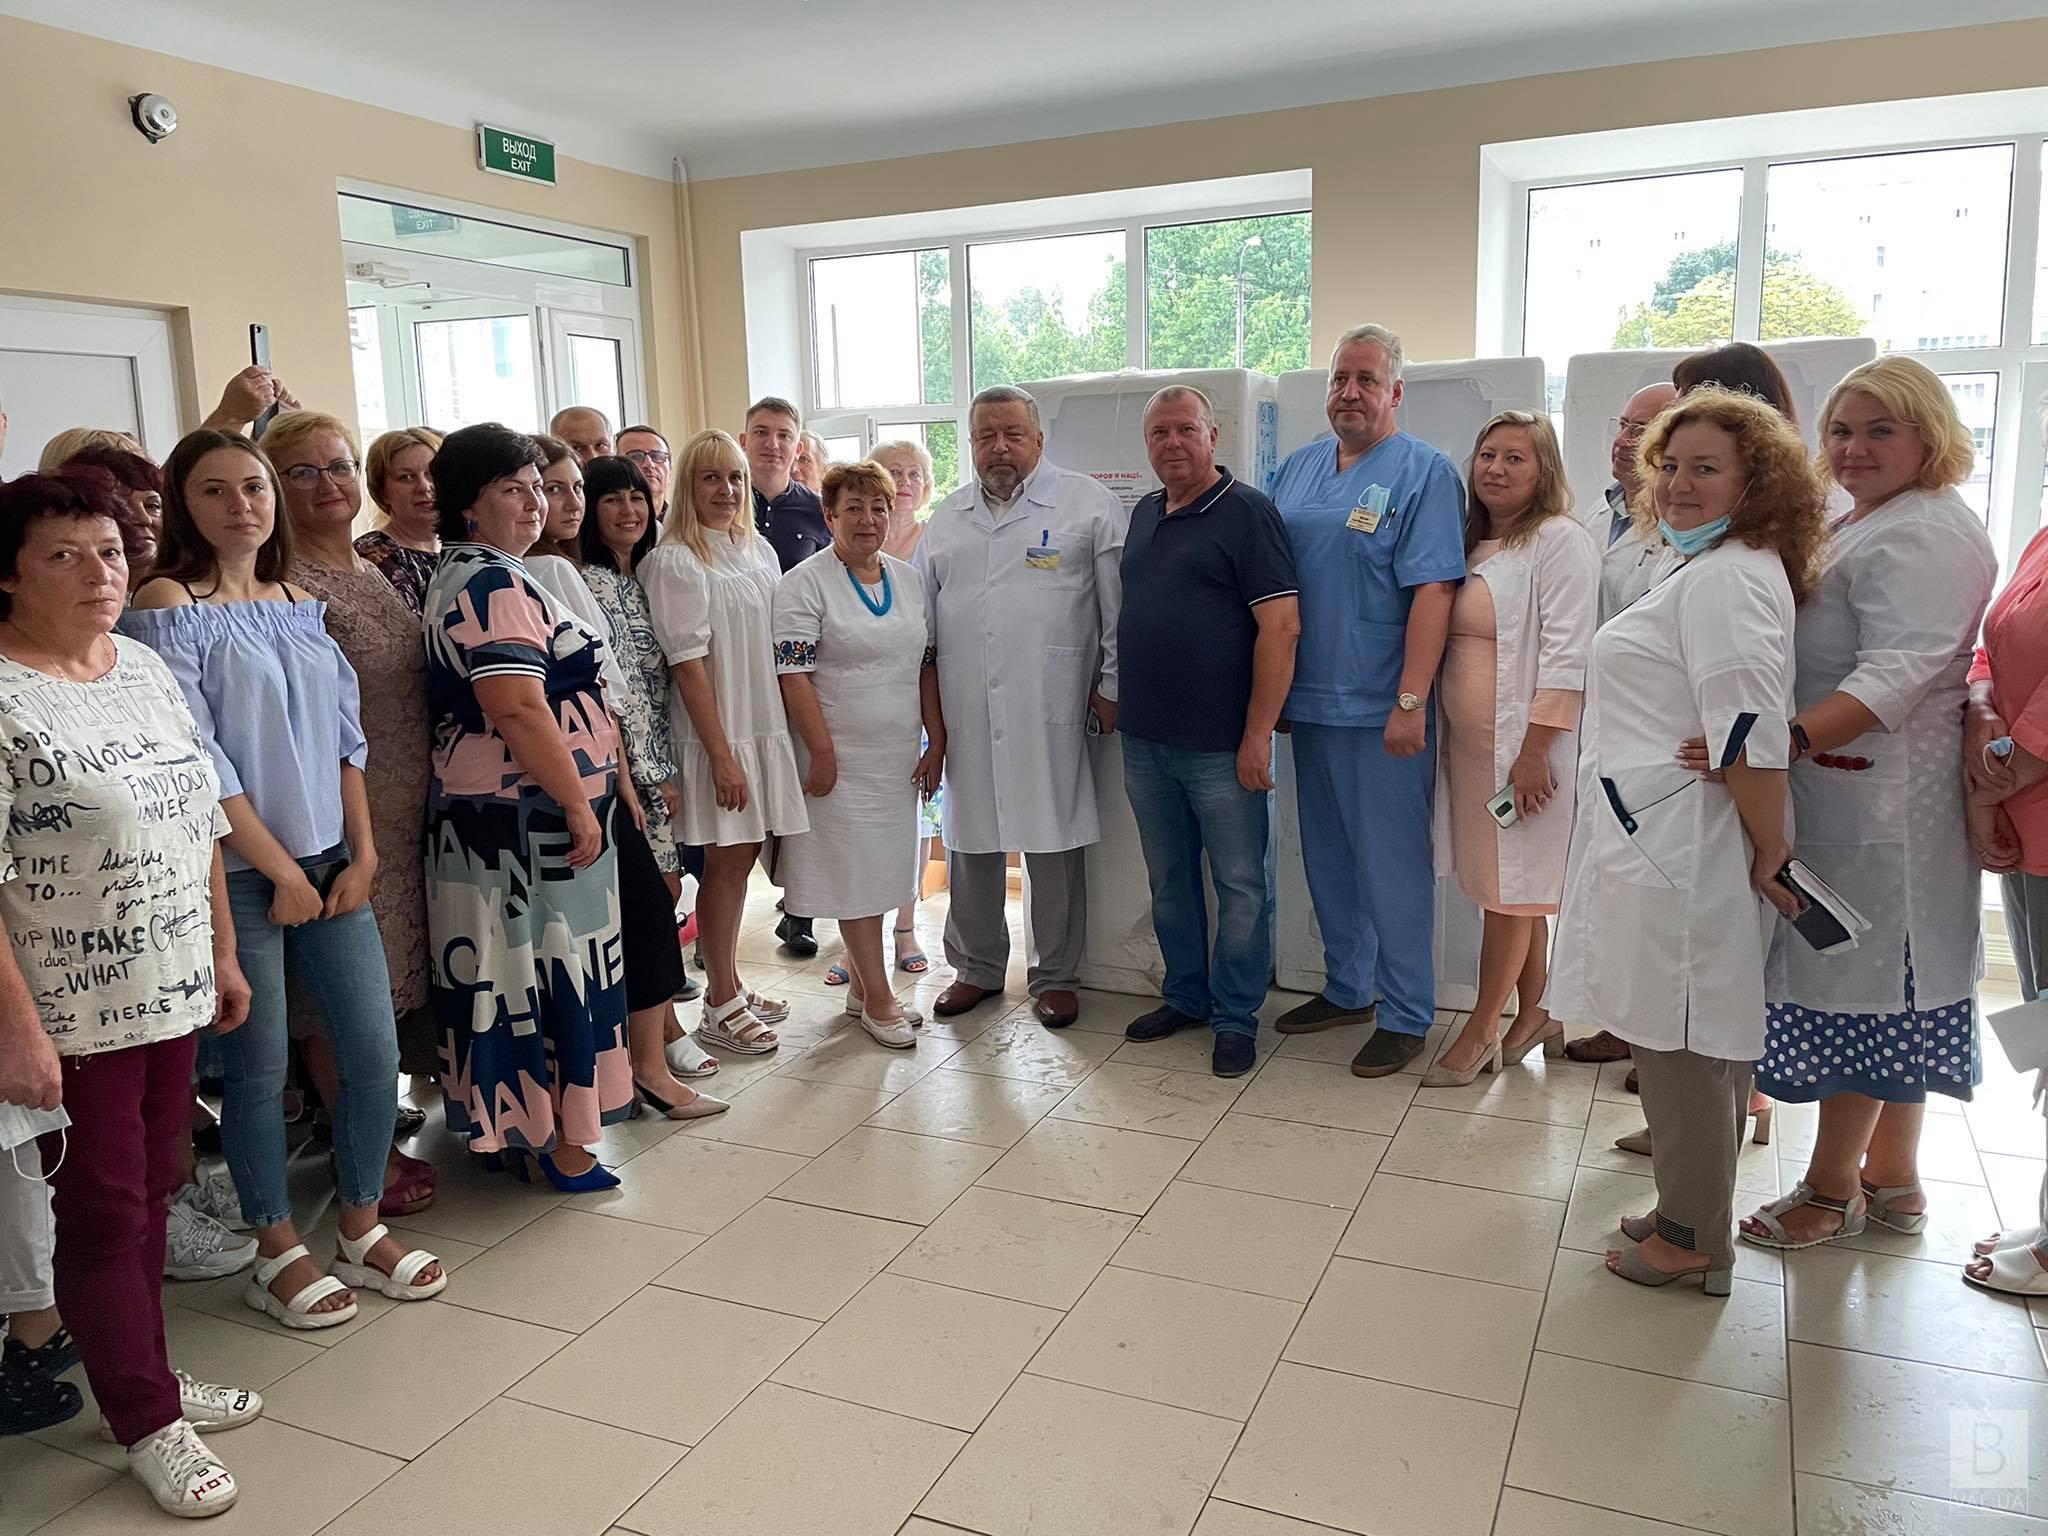 До 70-річчя обласної лікарні команда «Батьківщини» подарувала 10 холодильників та 10 мікрохвильовок